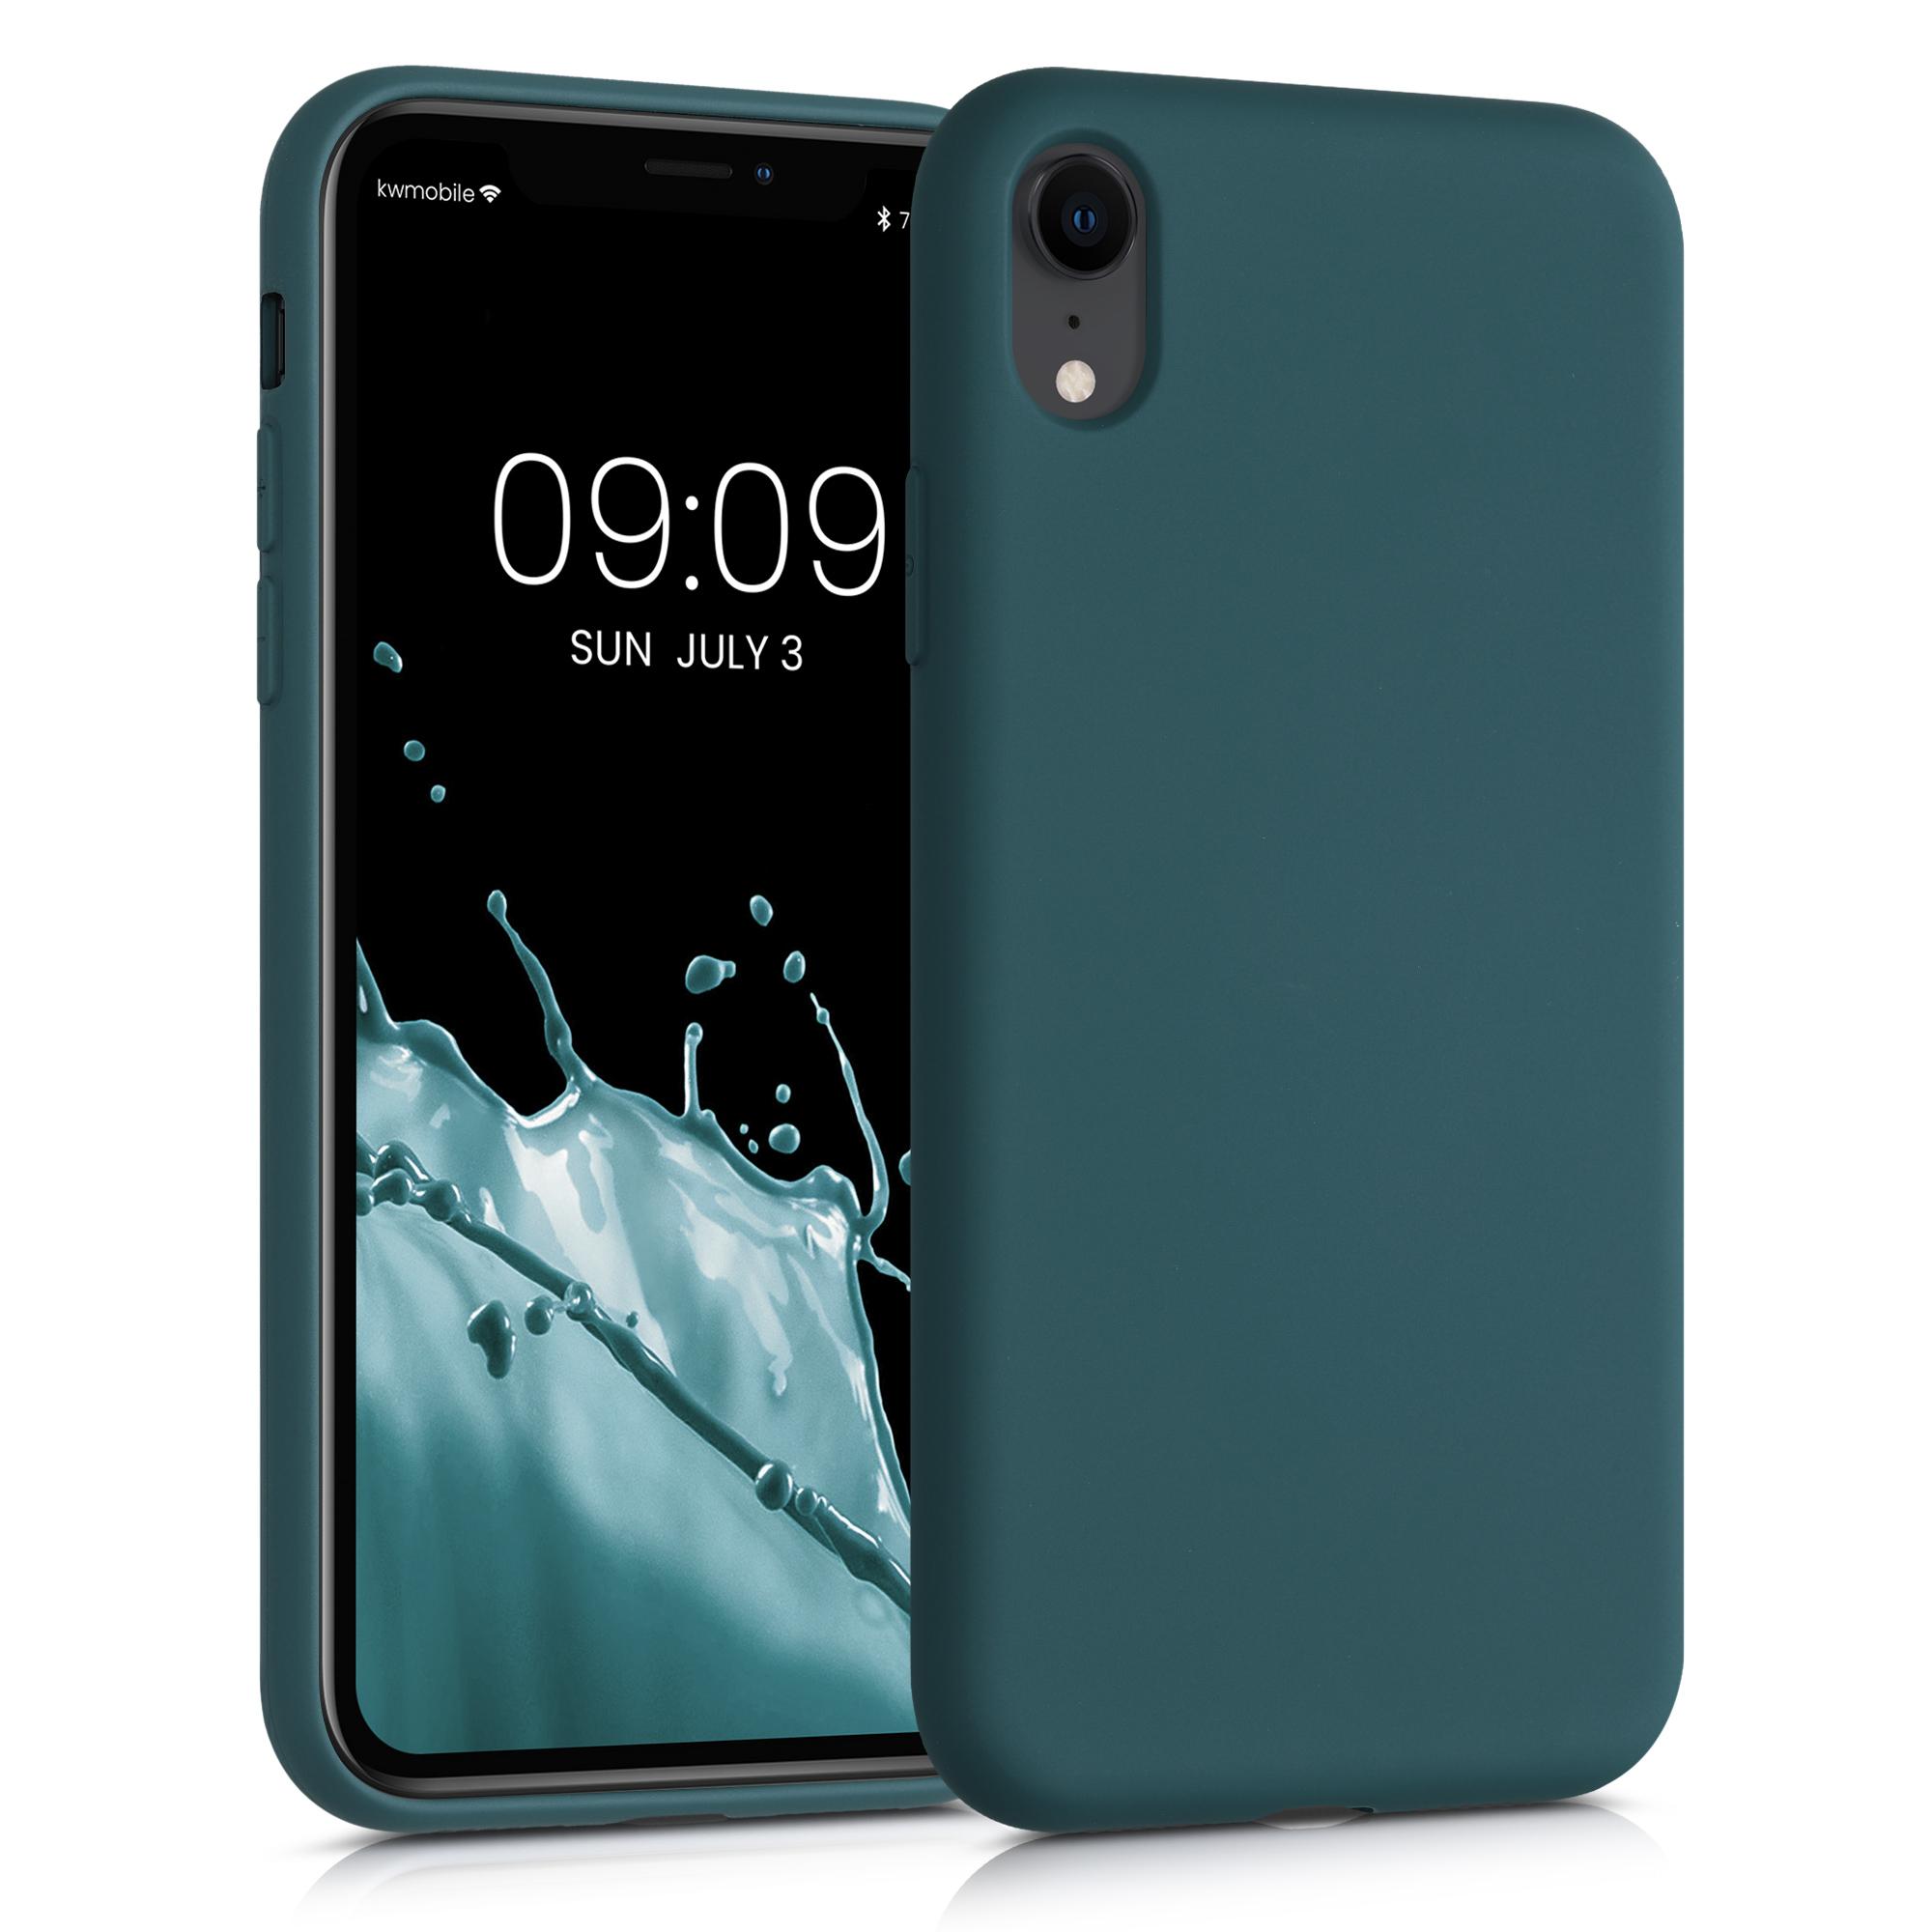 Kvalitní silikonové TPU pouzdro pro Apple iPhone XR - Teal Matte